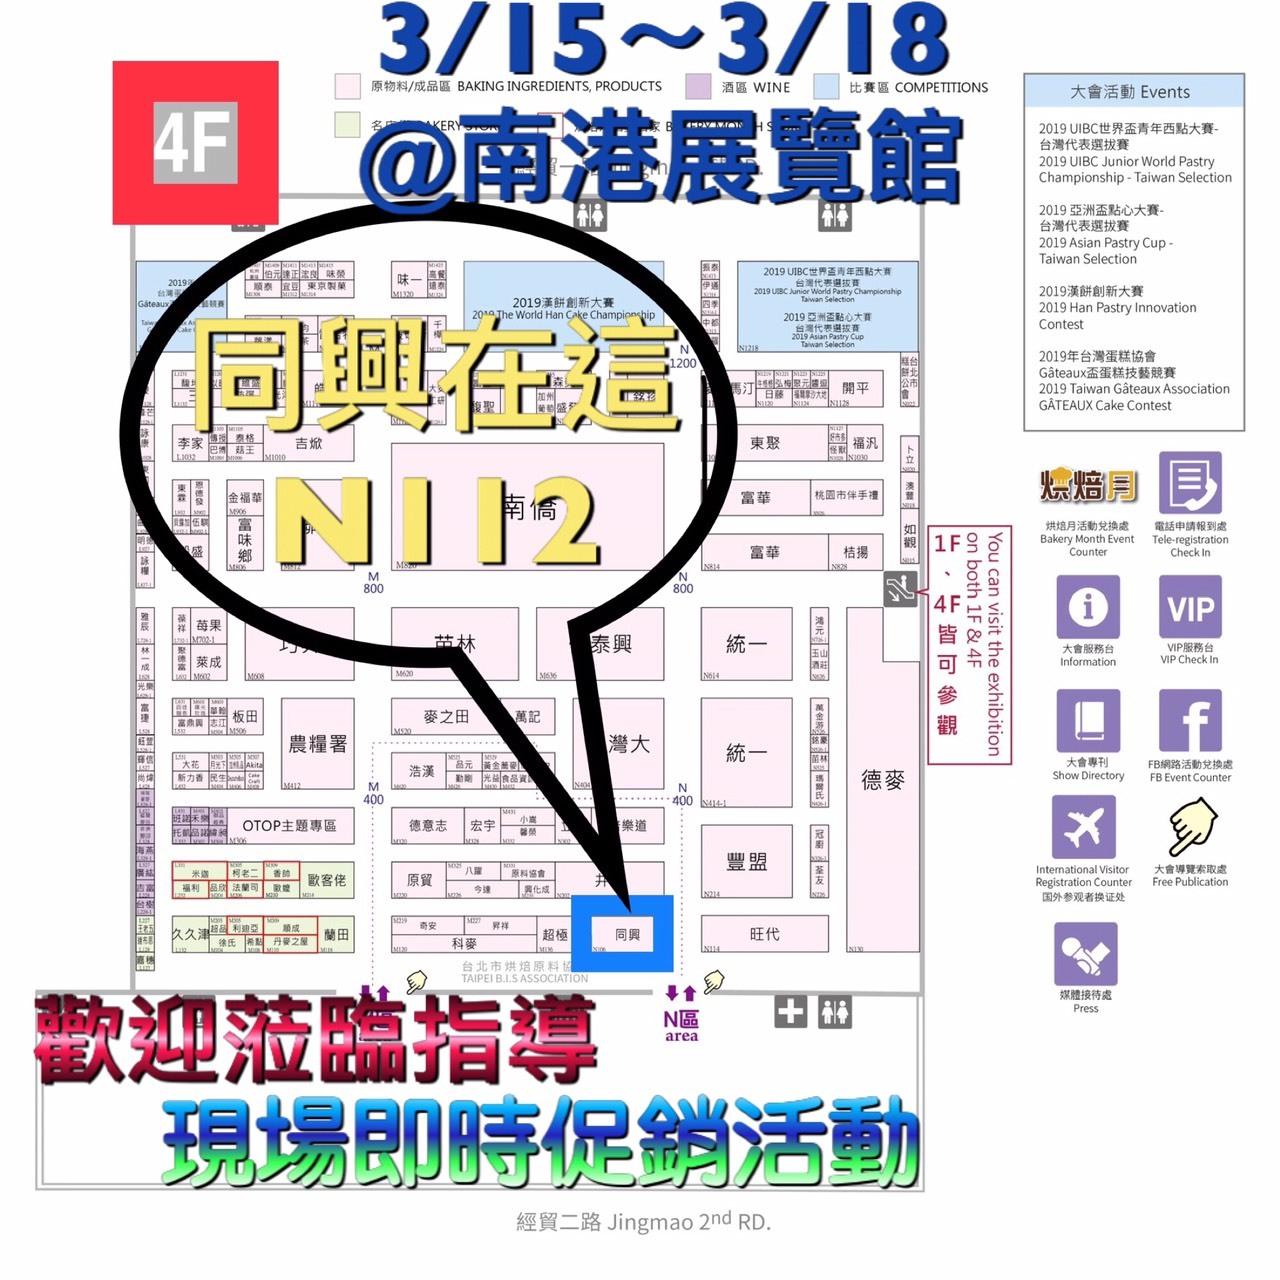 Taipei Food Expo held on 3/15~